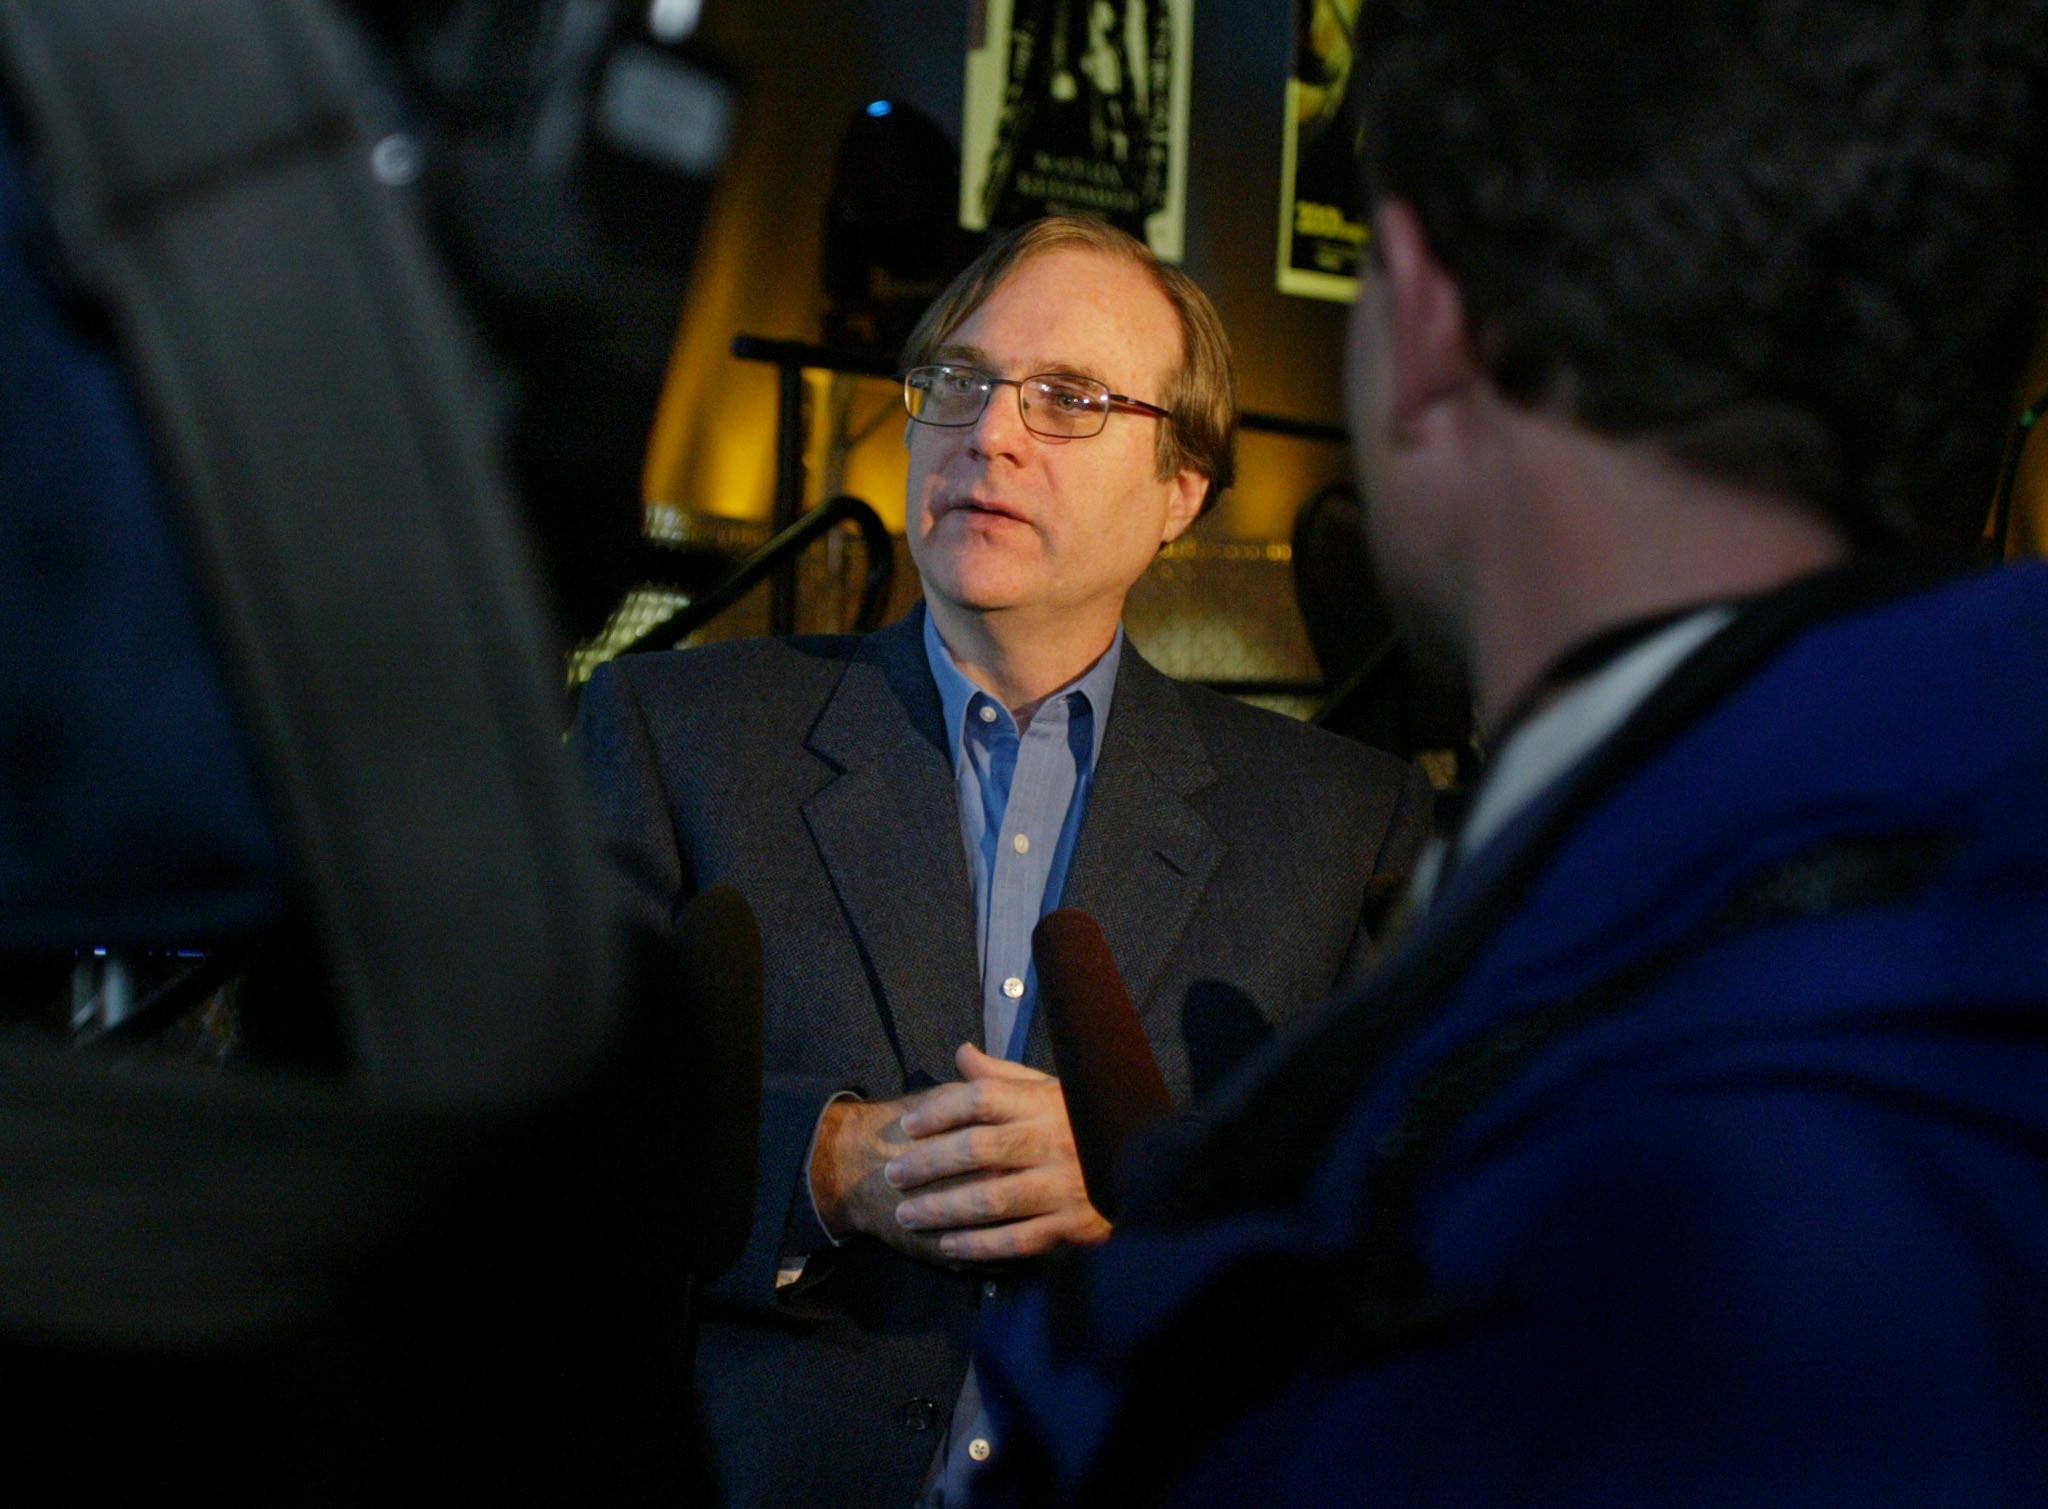 微软创始人艾伦离世 患 非霍奇金氏淋巴瘤 并发症 享寿65岁图片 412558 2048x1509